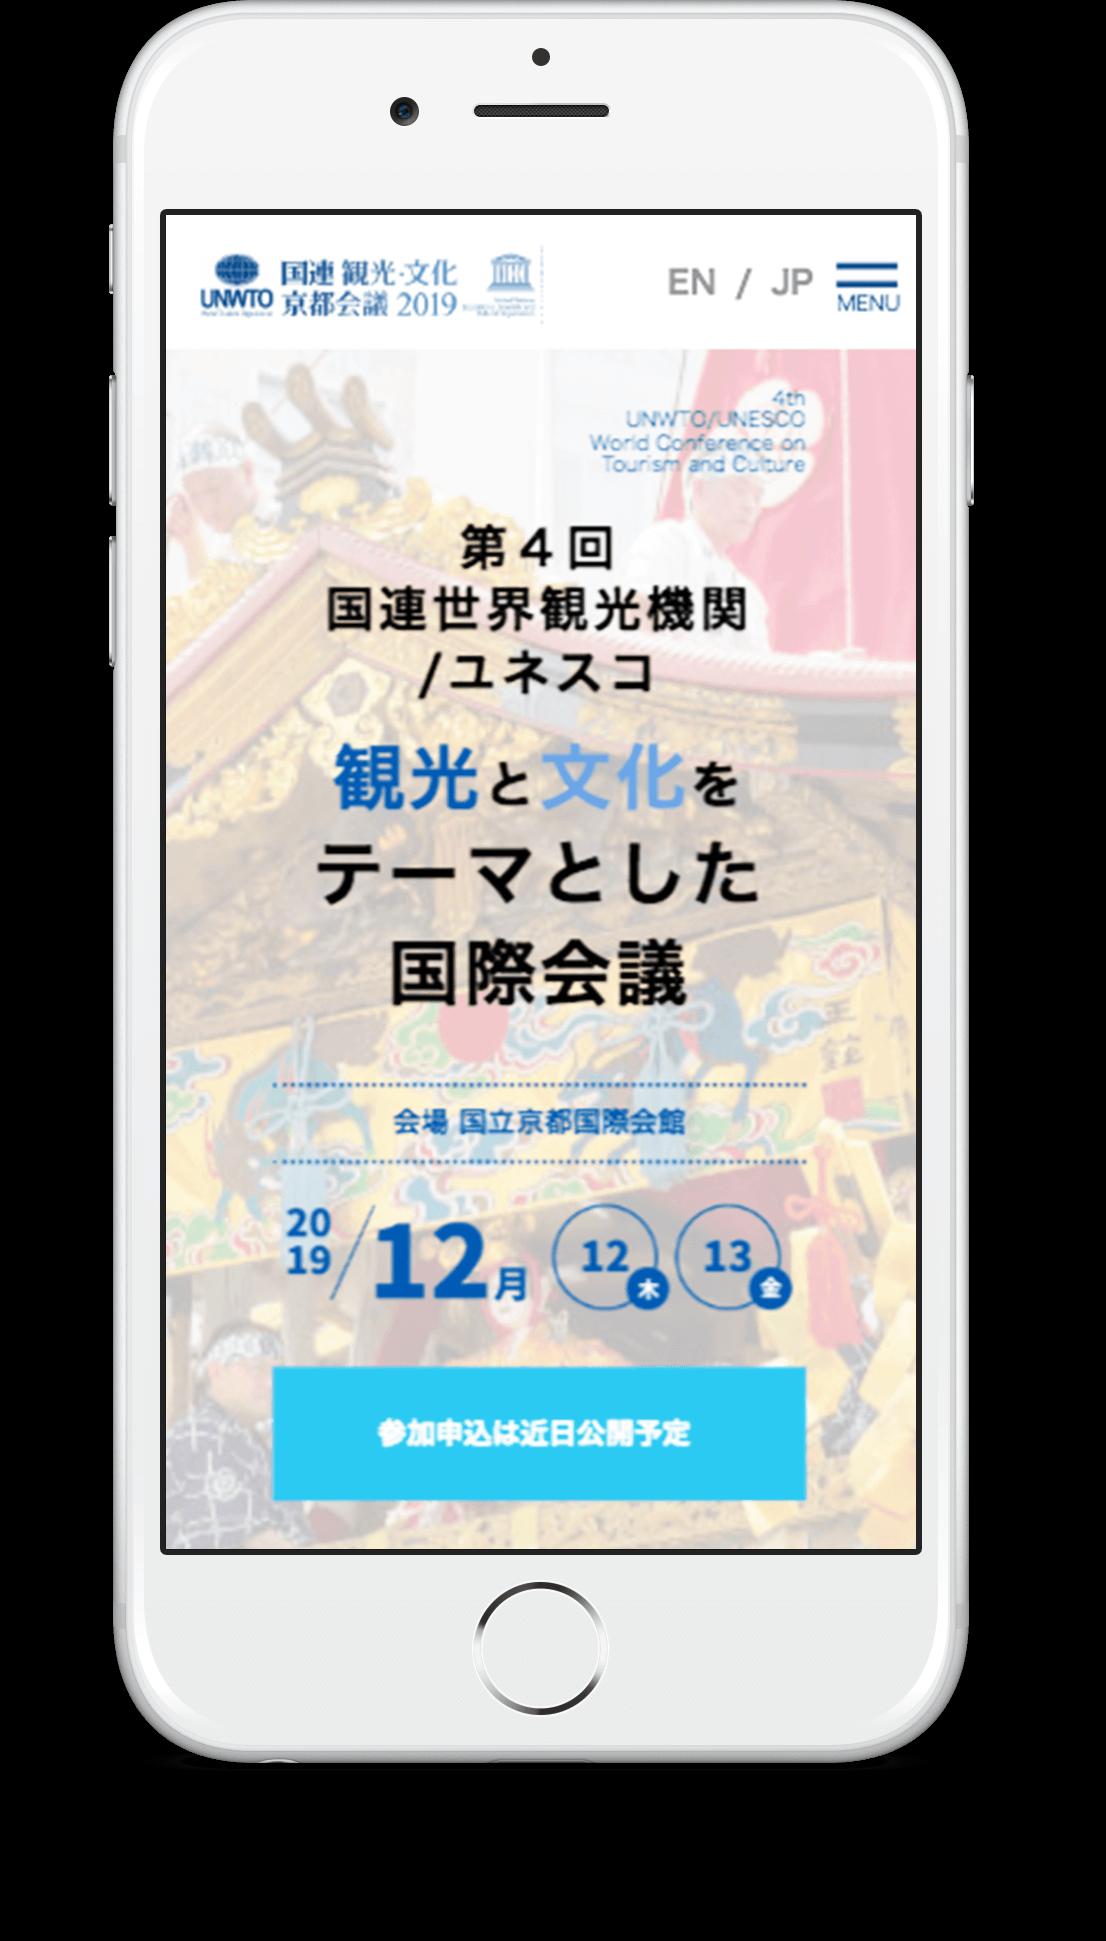 京都会議2019